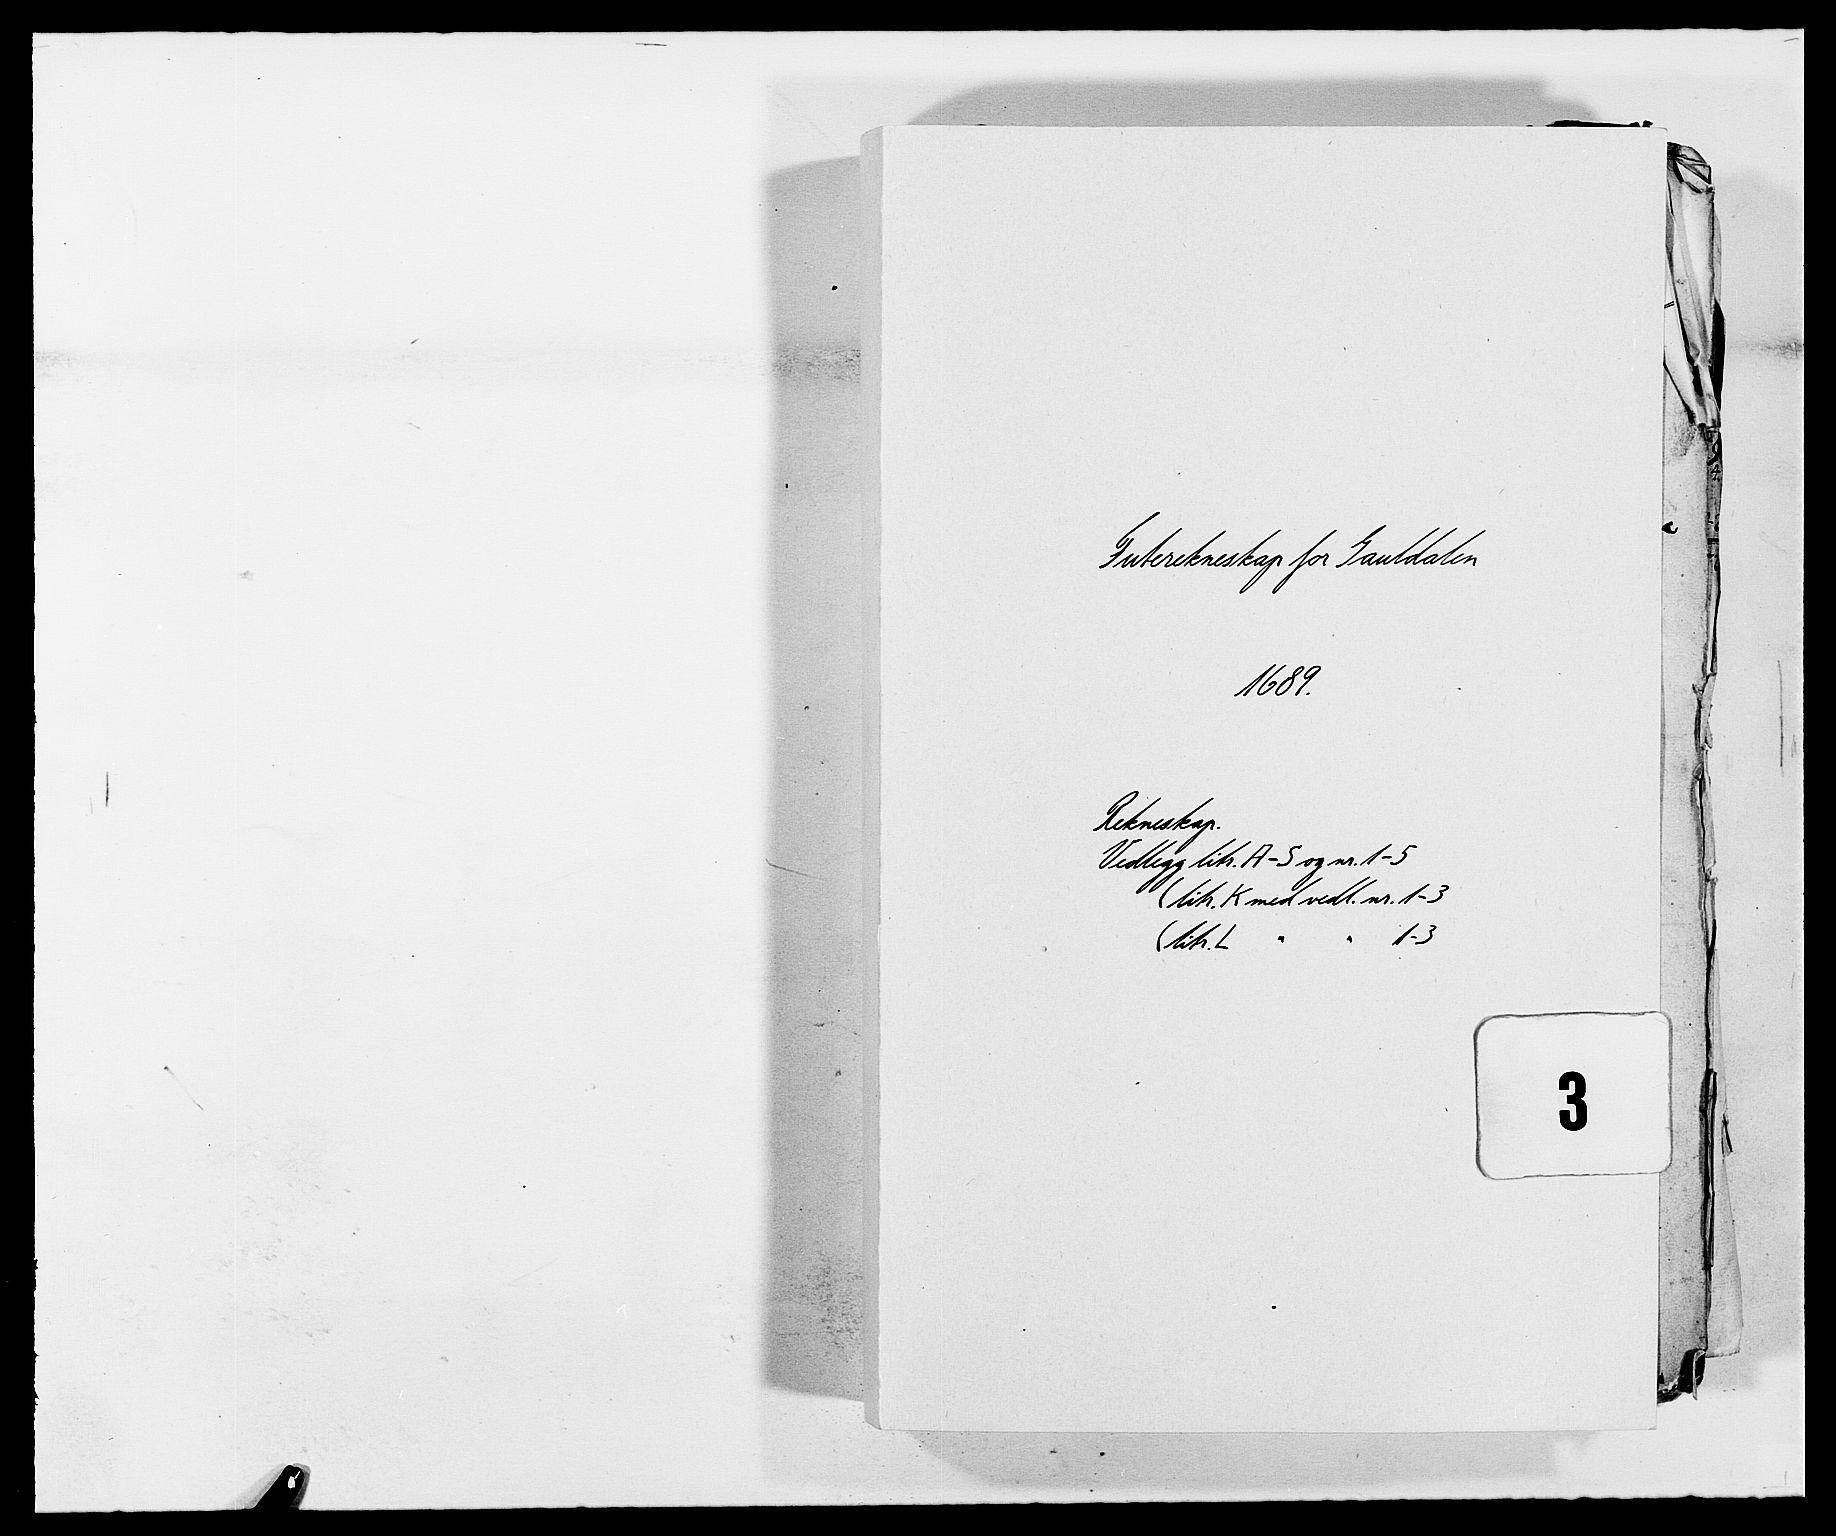 RA, Rentekammeret inntil 1814, Reviderte regnskaper, Fogderegnskap, R59/L3940: Fogderegnskap Gauldal, 1689-1690, s. 1